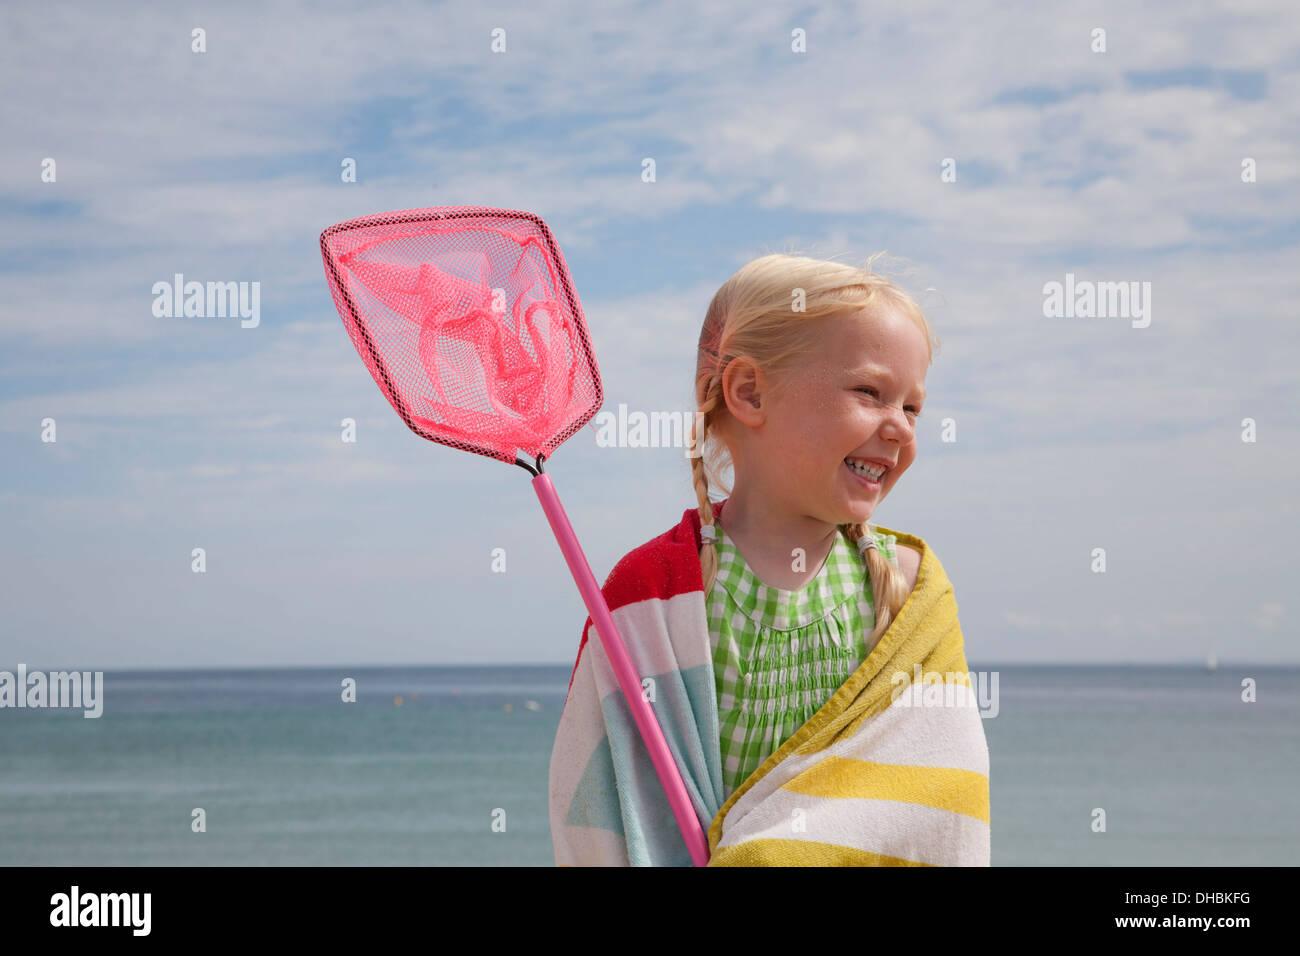 Una giovane ragazza con un telo da spiaggia intorno a lei le spalle, il trasporto di una piccola rete da pesca. Foto Stock